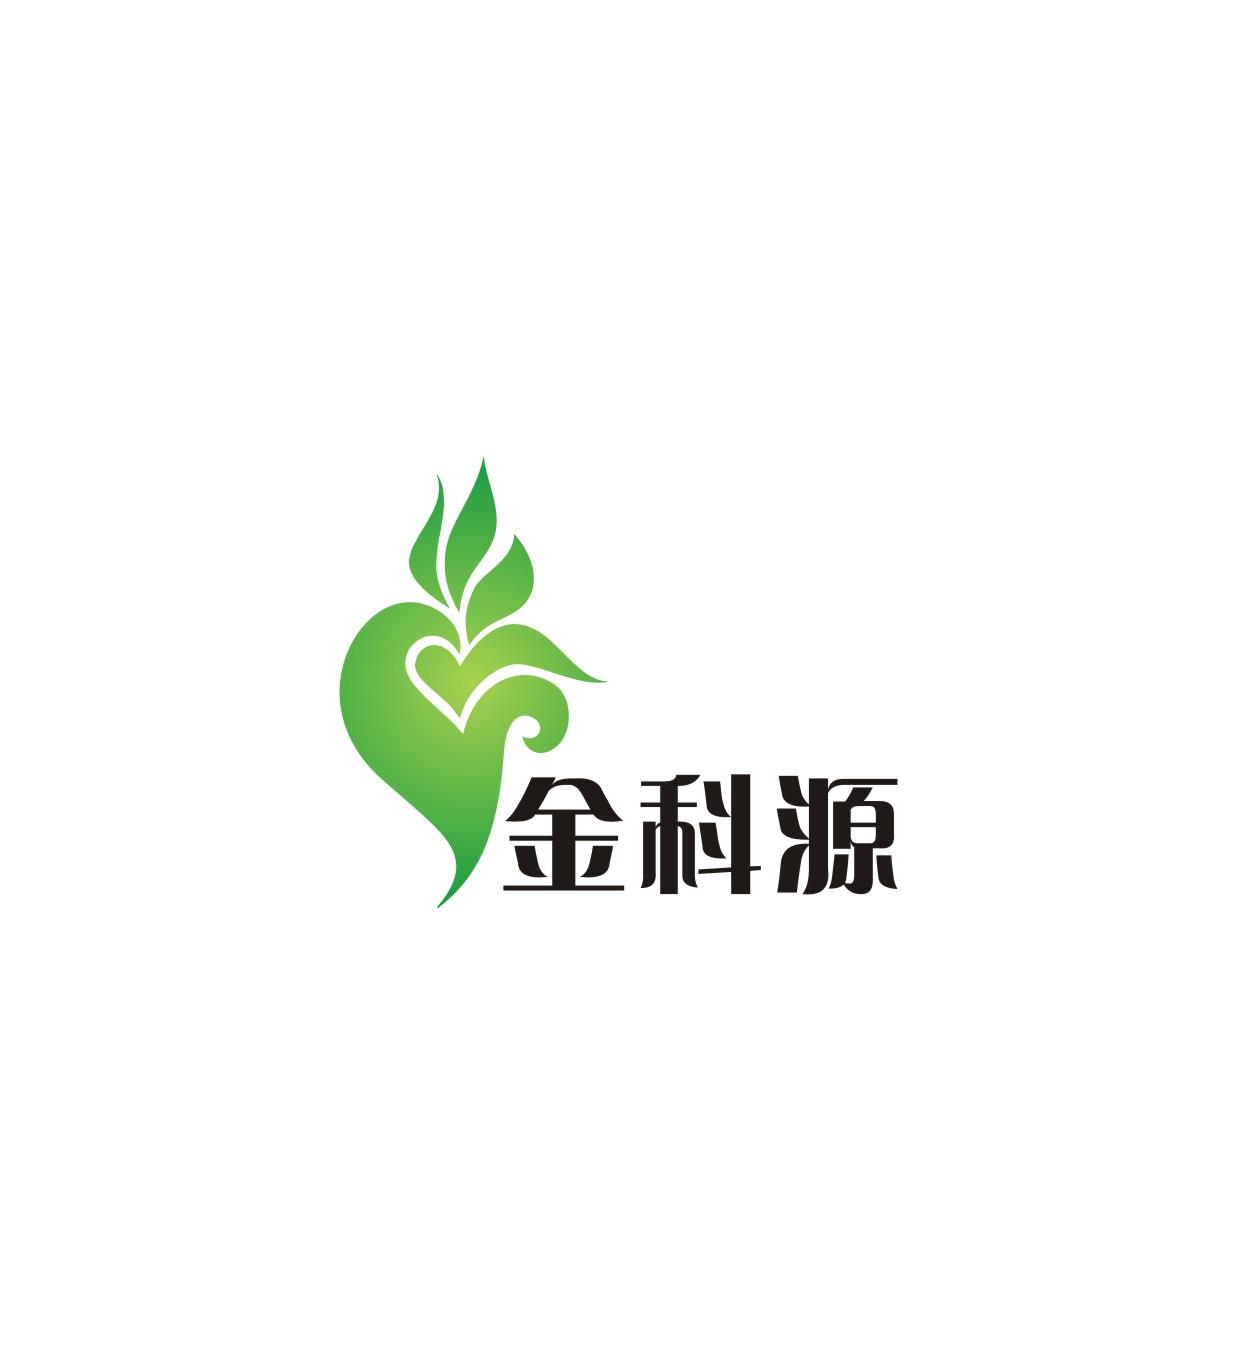 医药科技公司标志设计